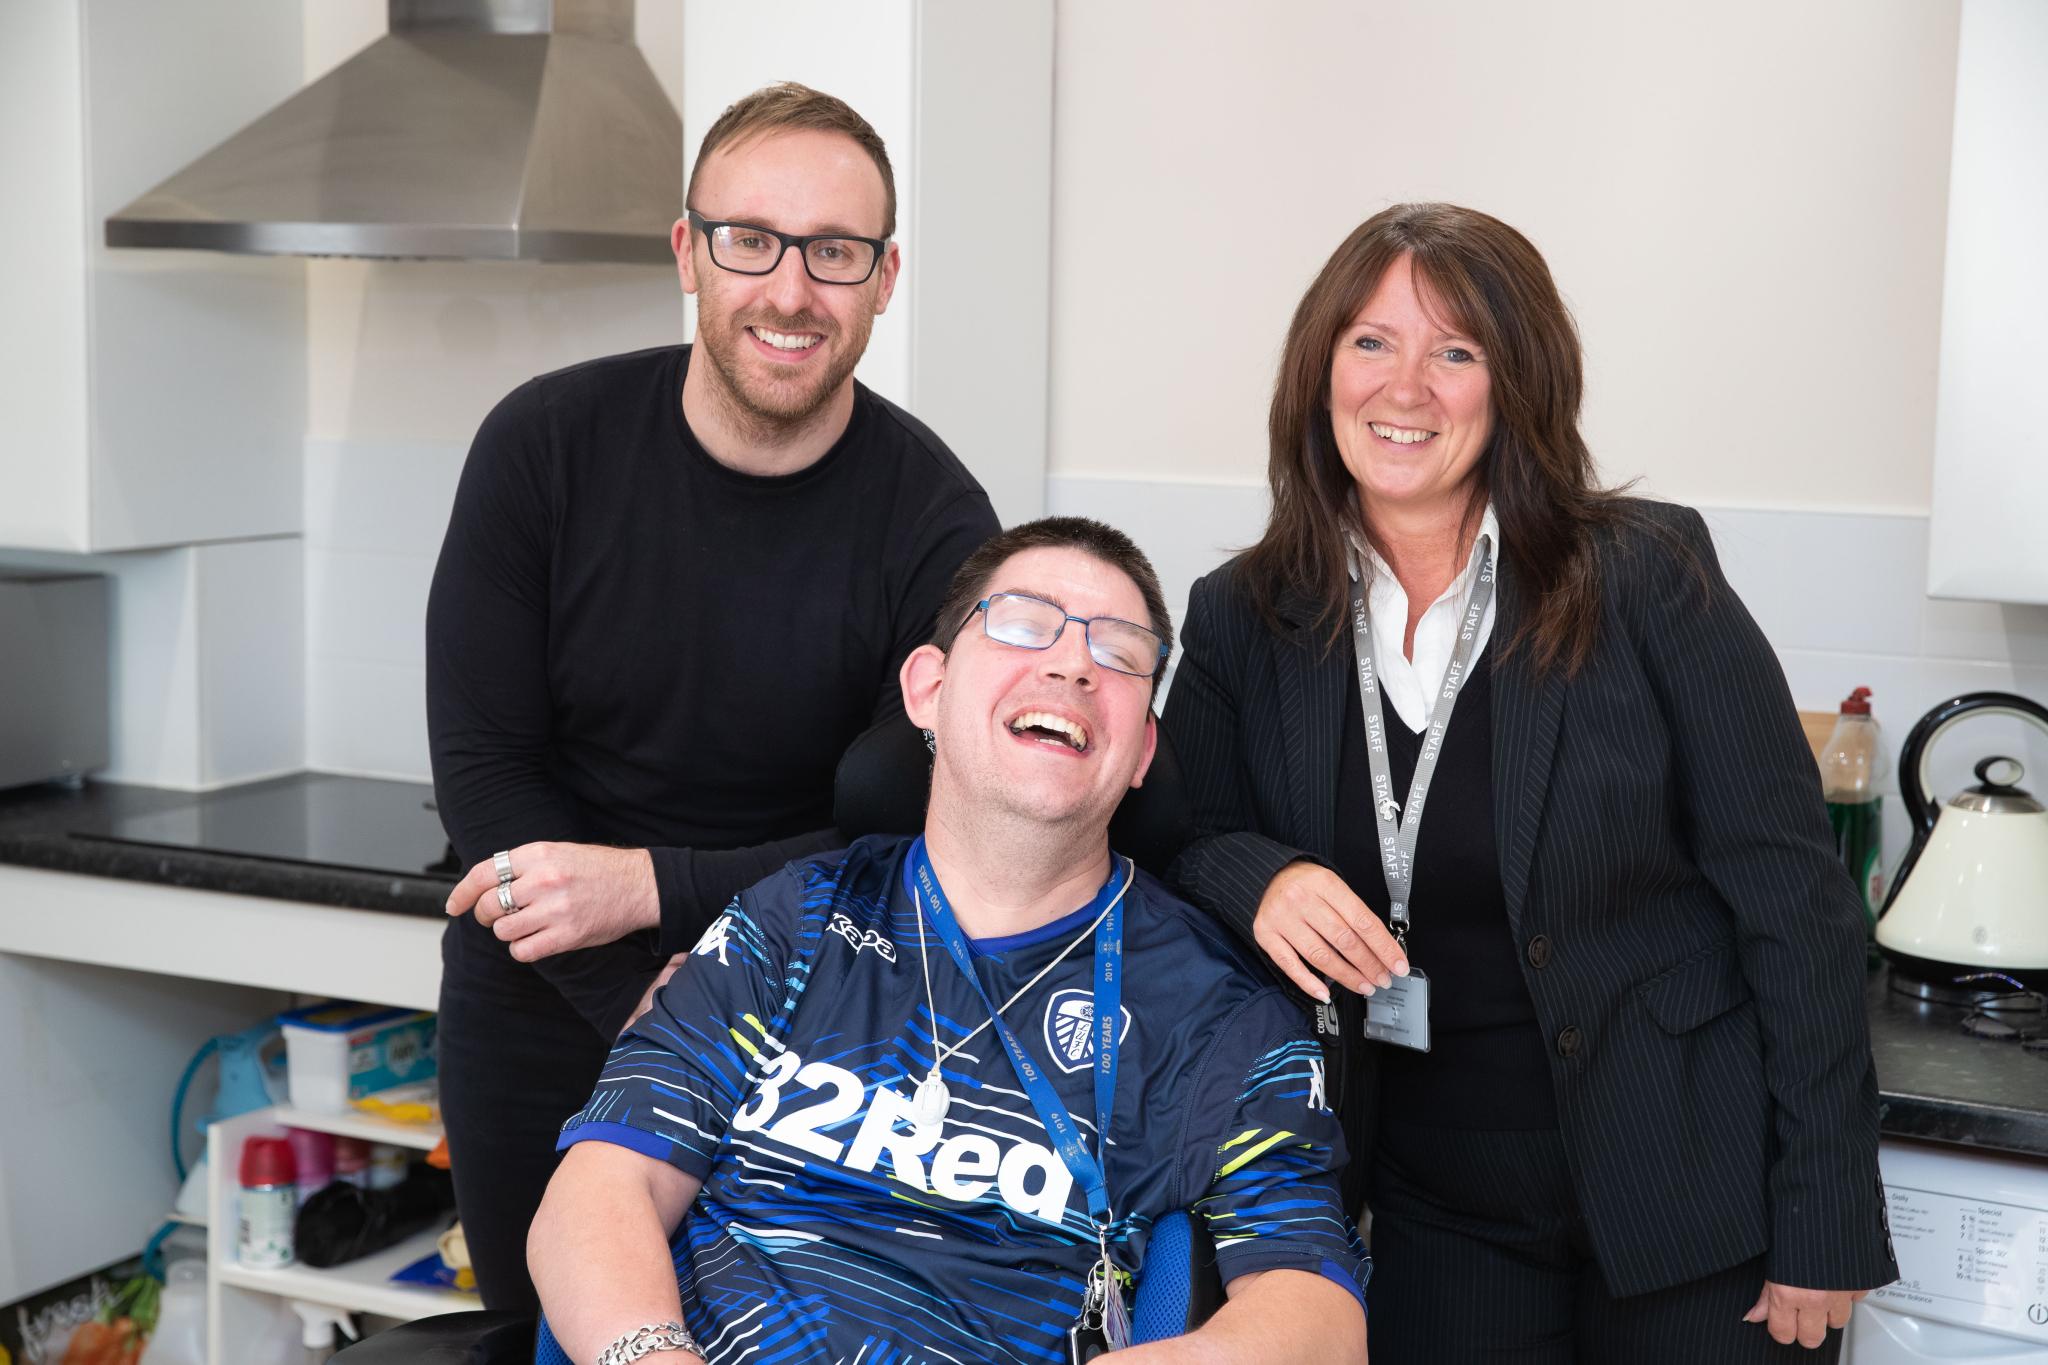 Lee, Paul and Karen